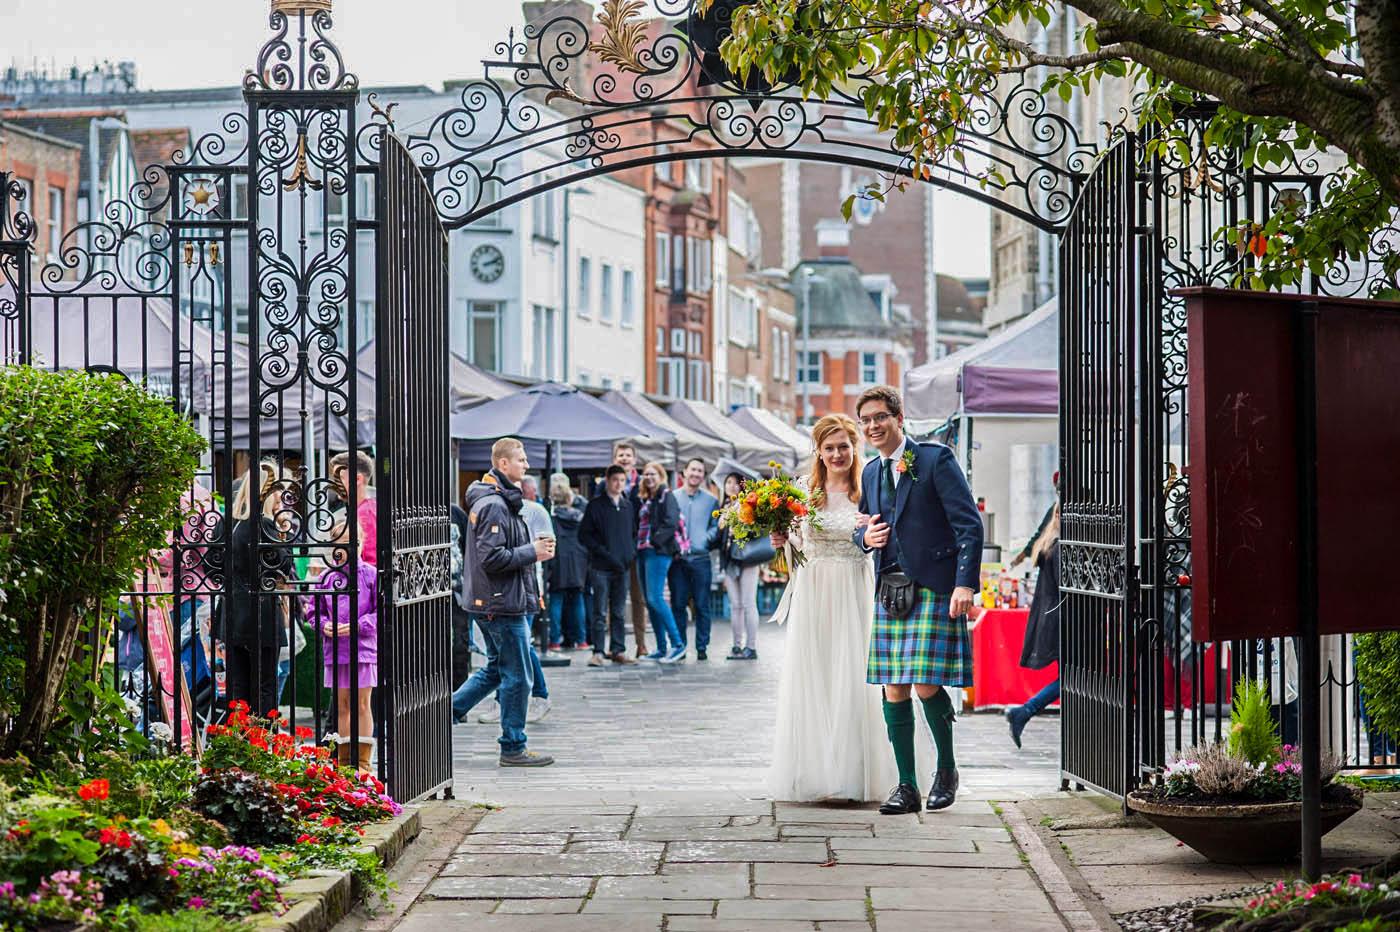 BRIDE-GROOM-ARRIVE-AT-CHURCH.jpg